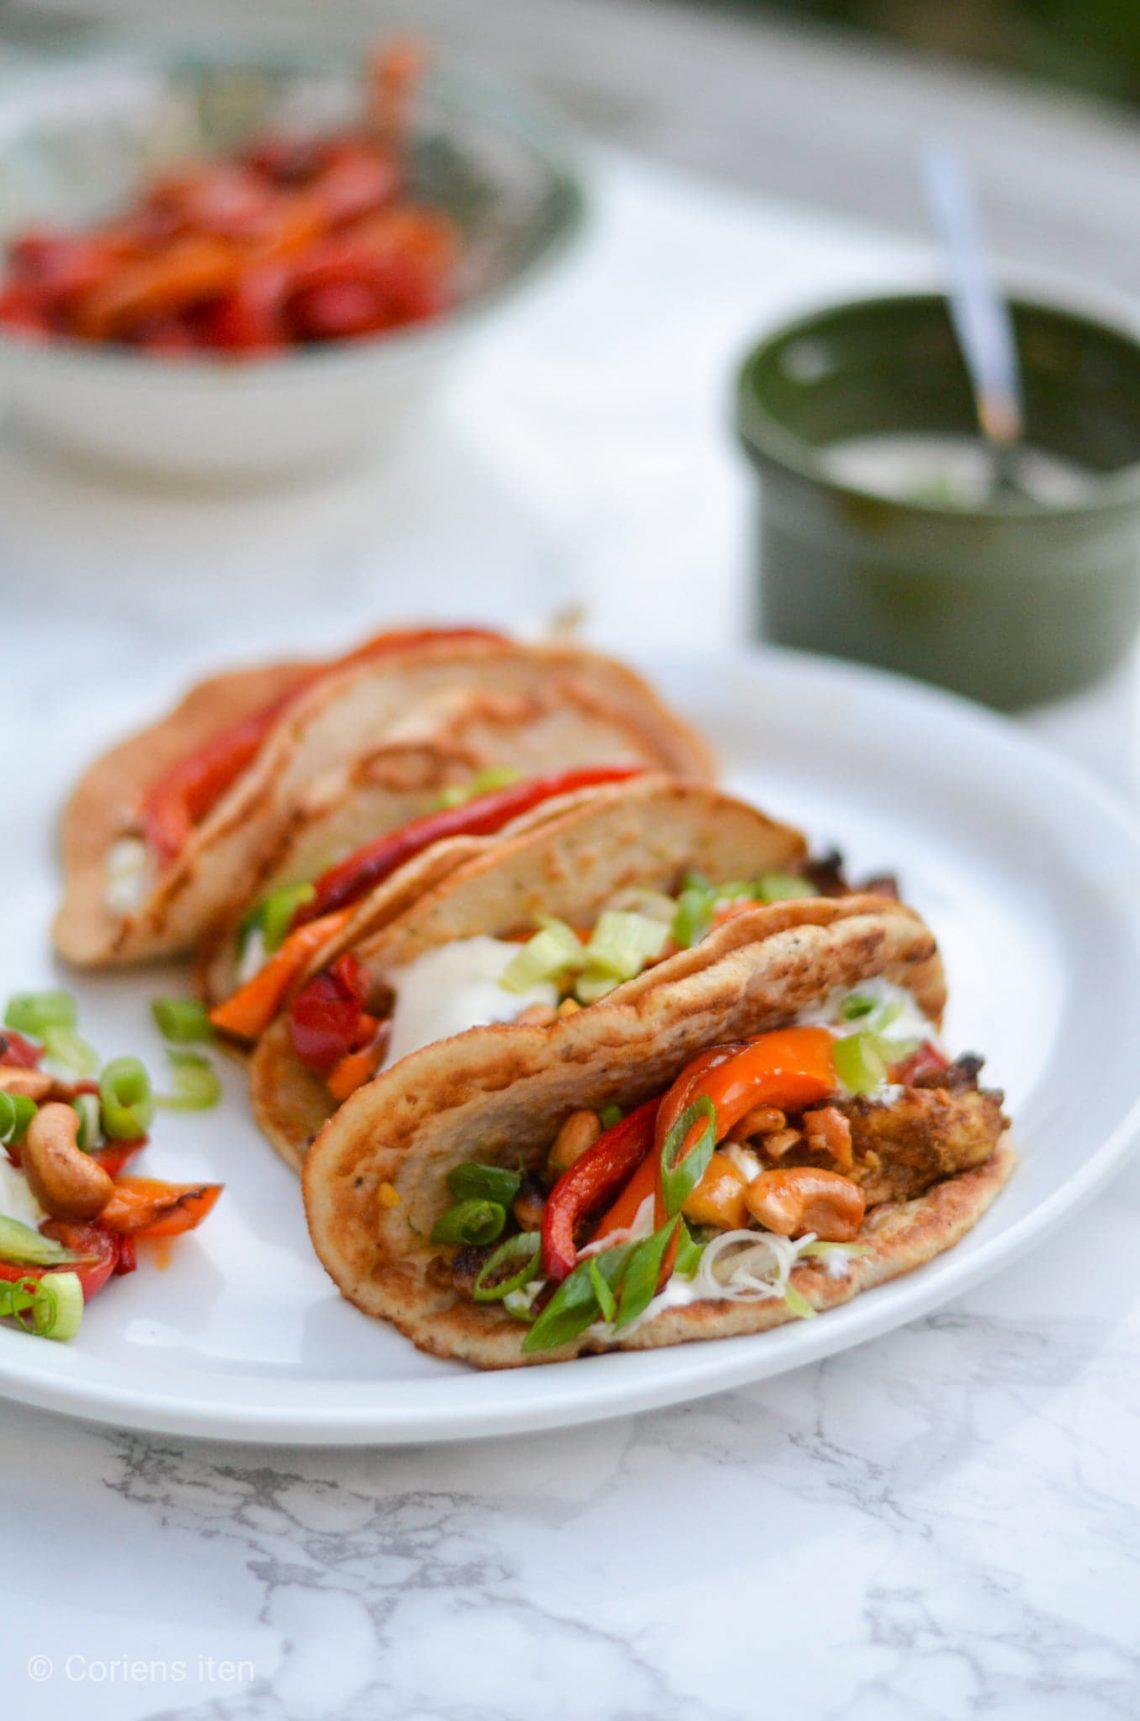 tandoori wraps